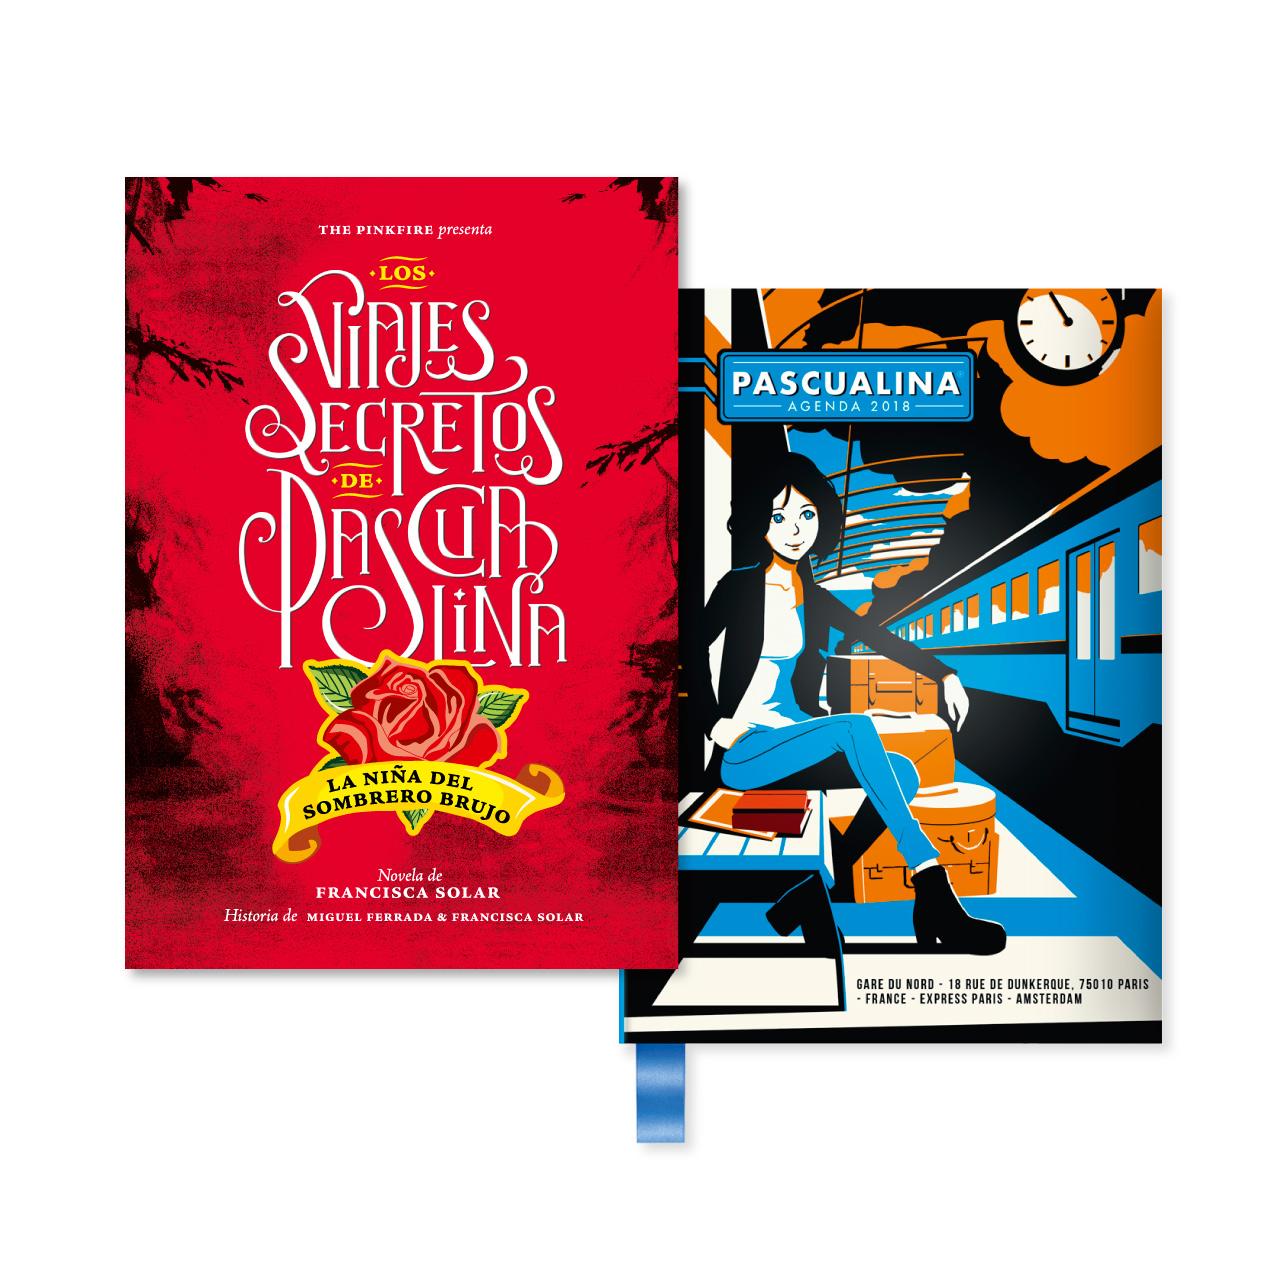 Novela Pascualina + Agenda Train - prepárate para la segunda novela - $12.990